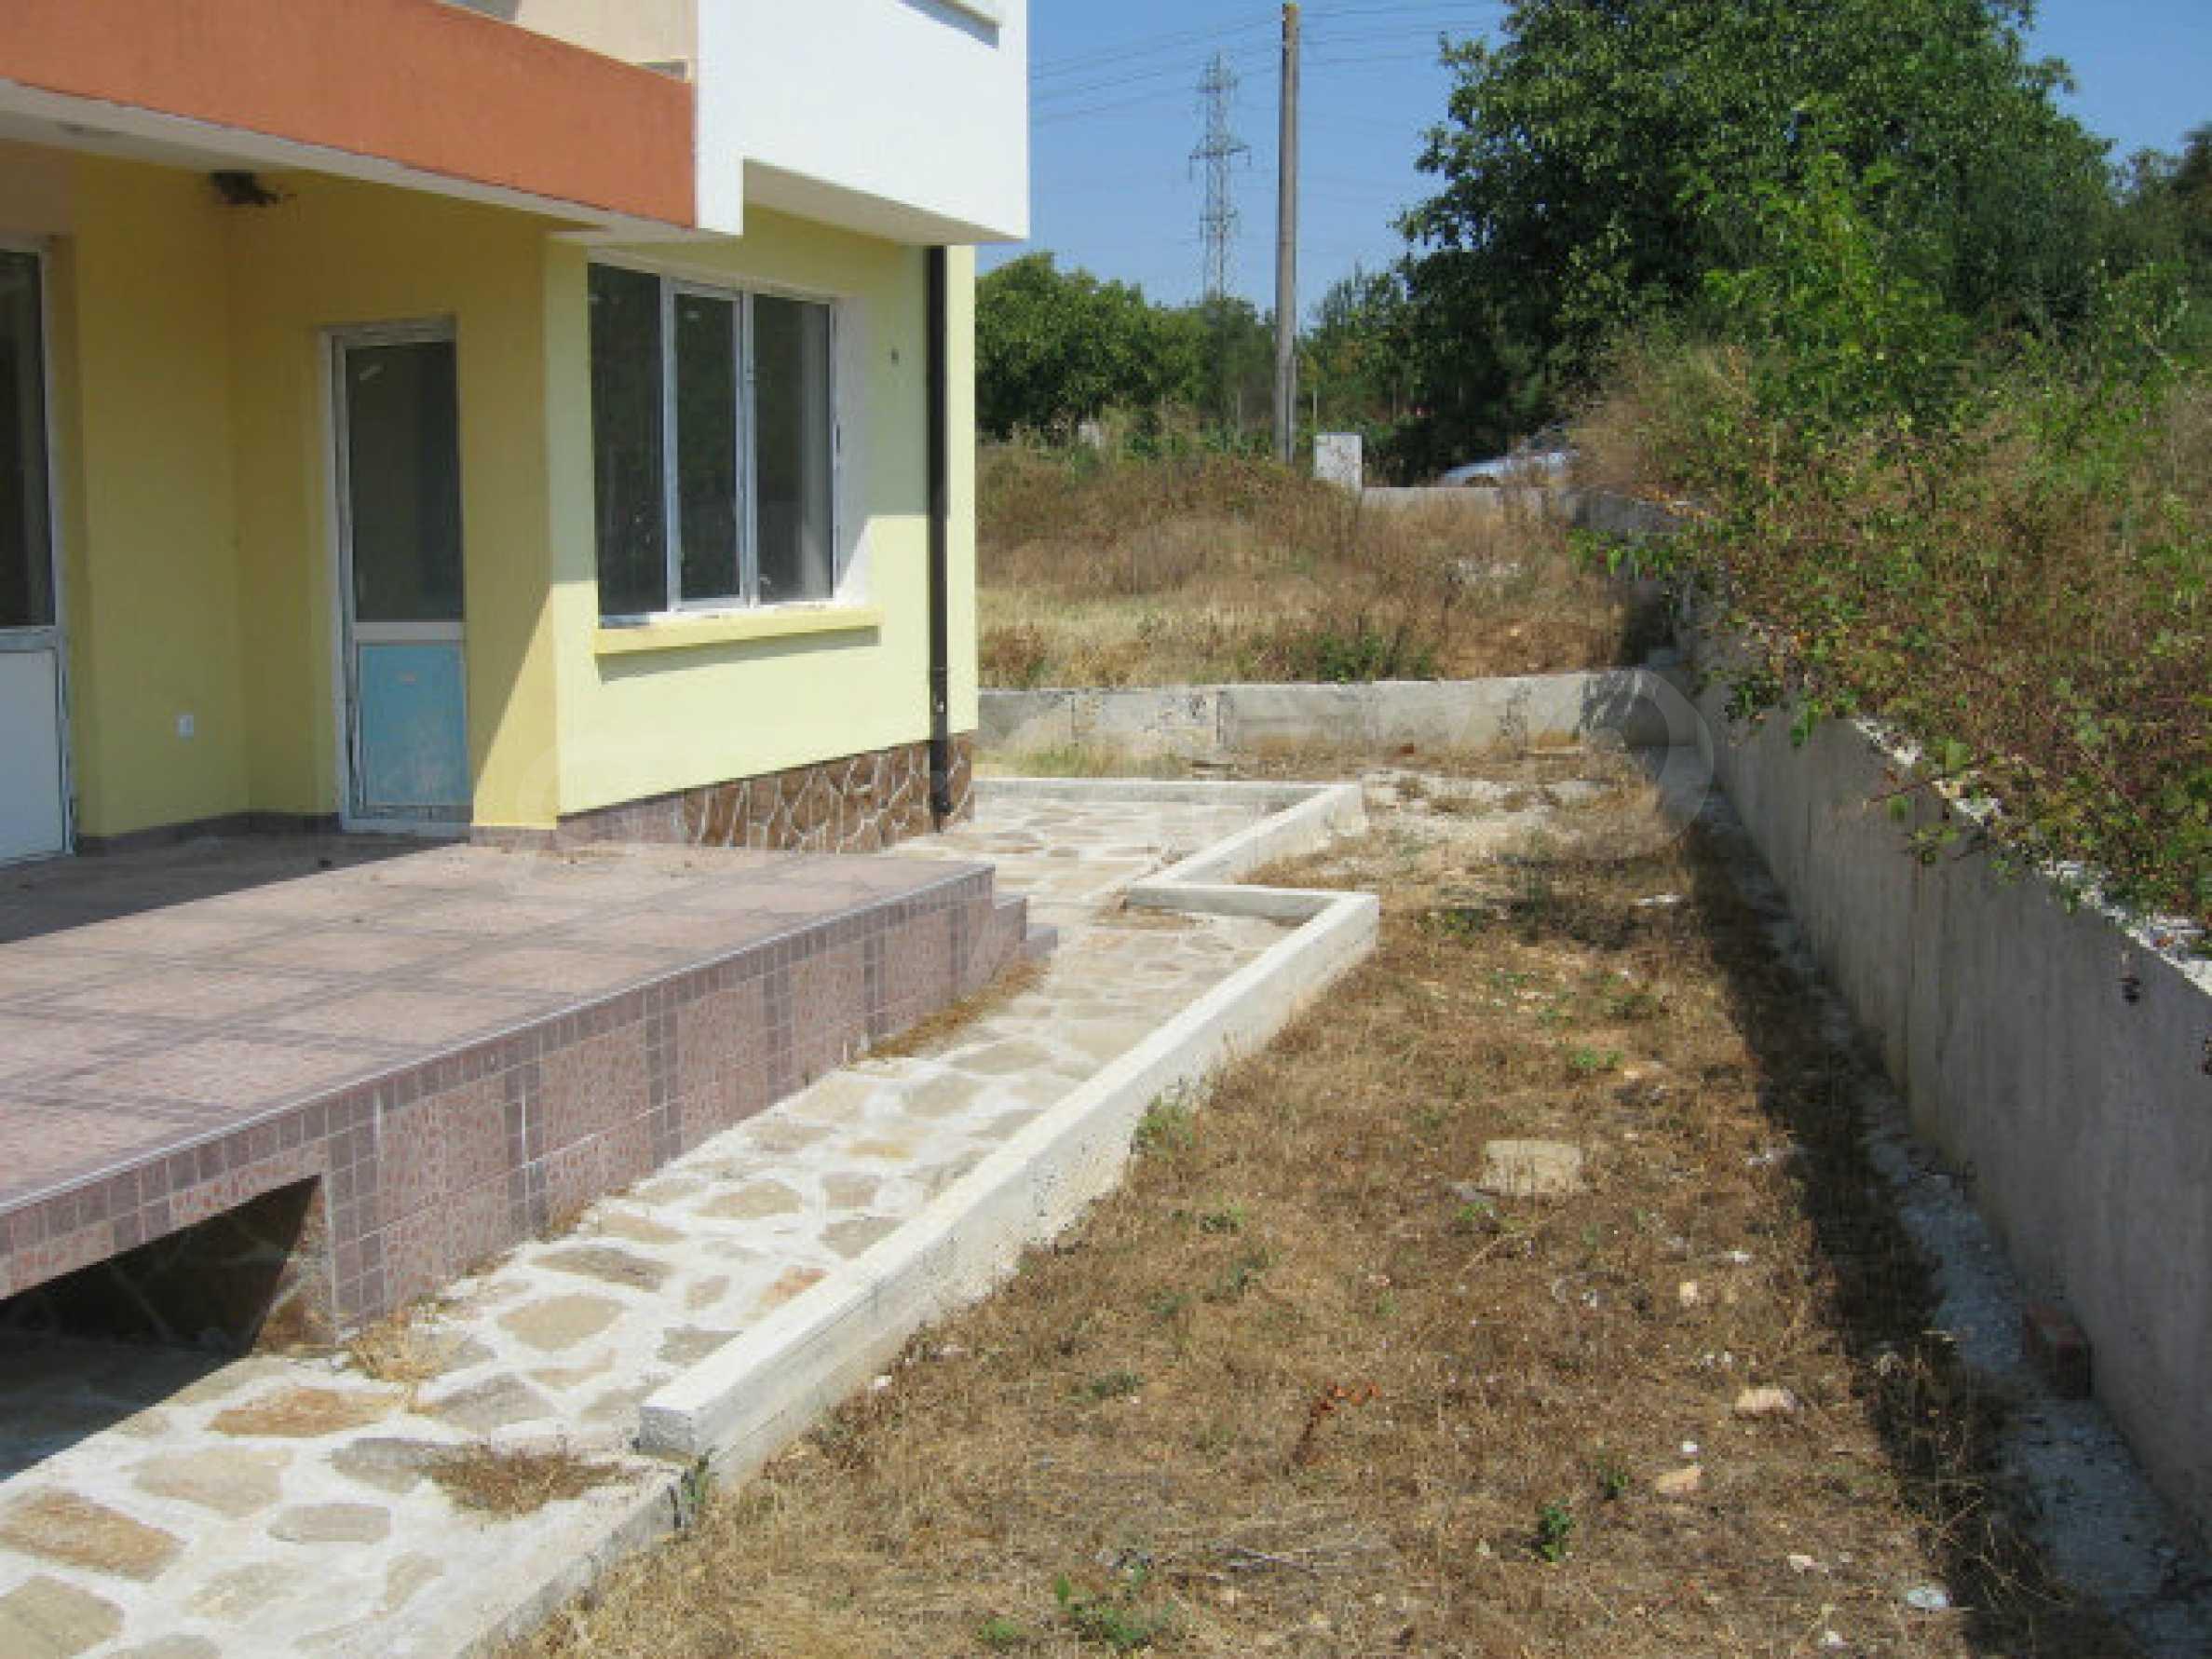 Schönes neues Haus mit schöner Aussicht auf Sakar in einem ruhigen Dorf in der Nähe von Topolovgrad 15